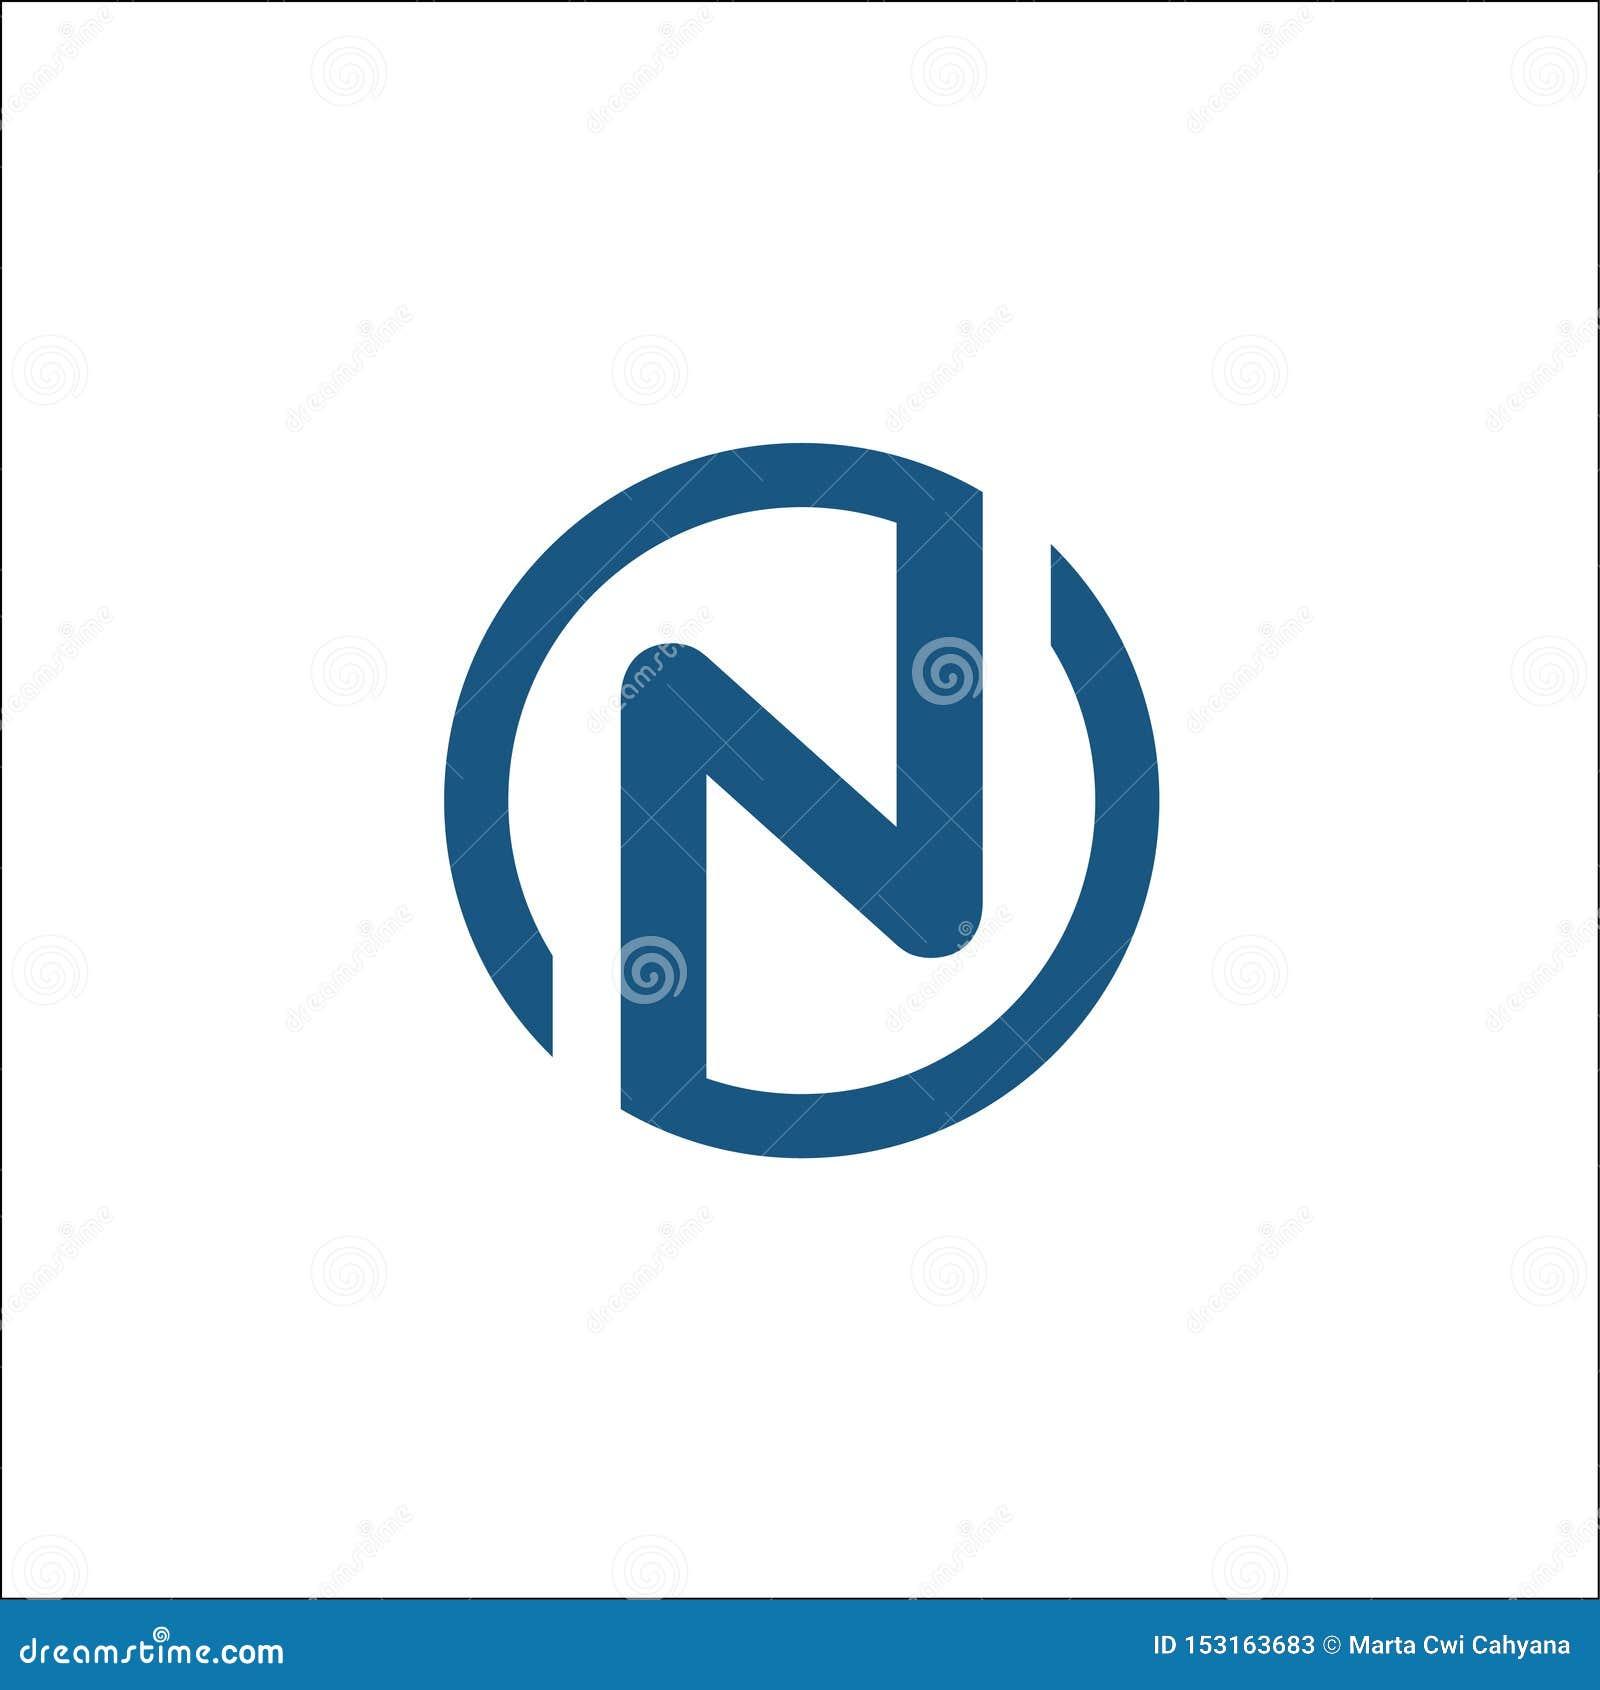 Molde do vetor do logotipo do círculo das iniciais N, círculo da letra N